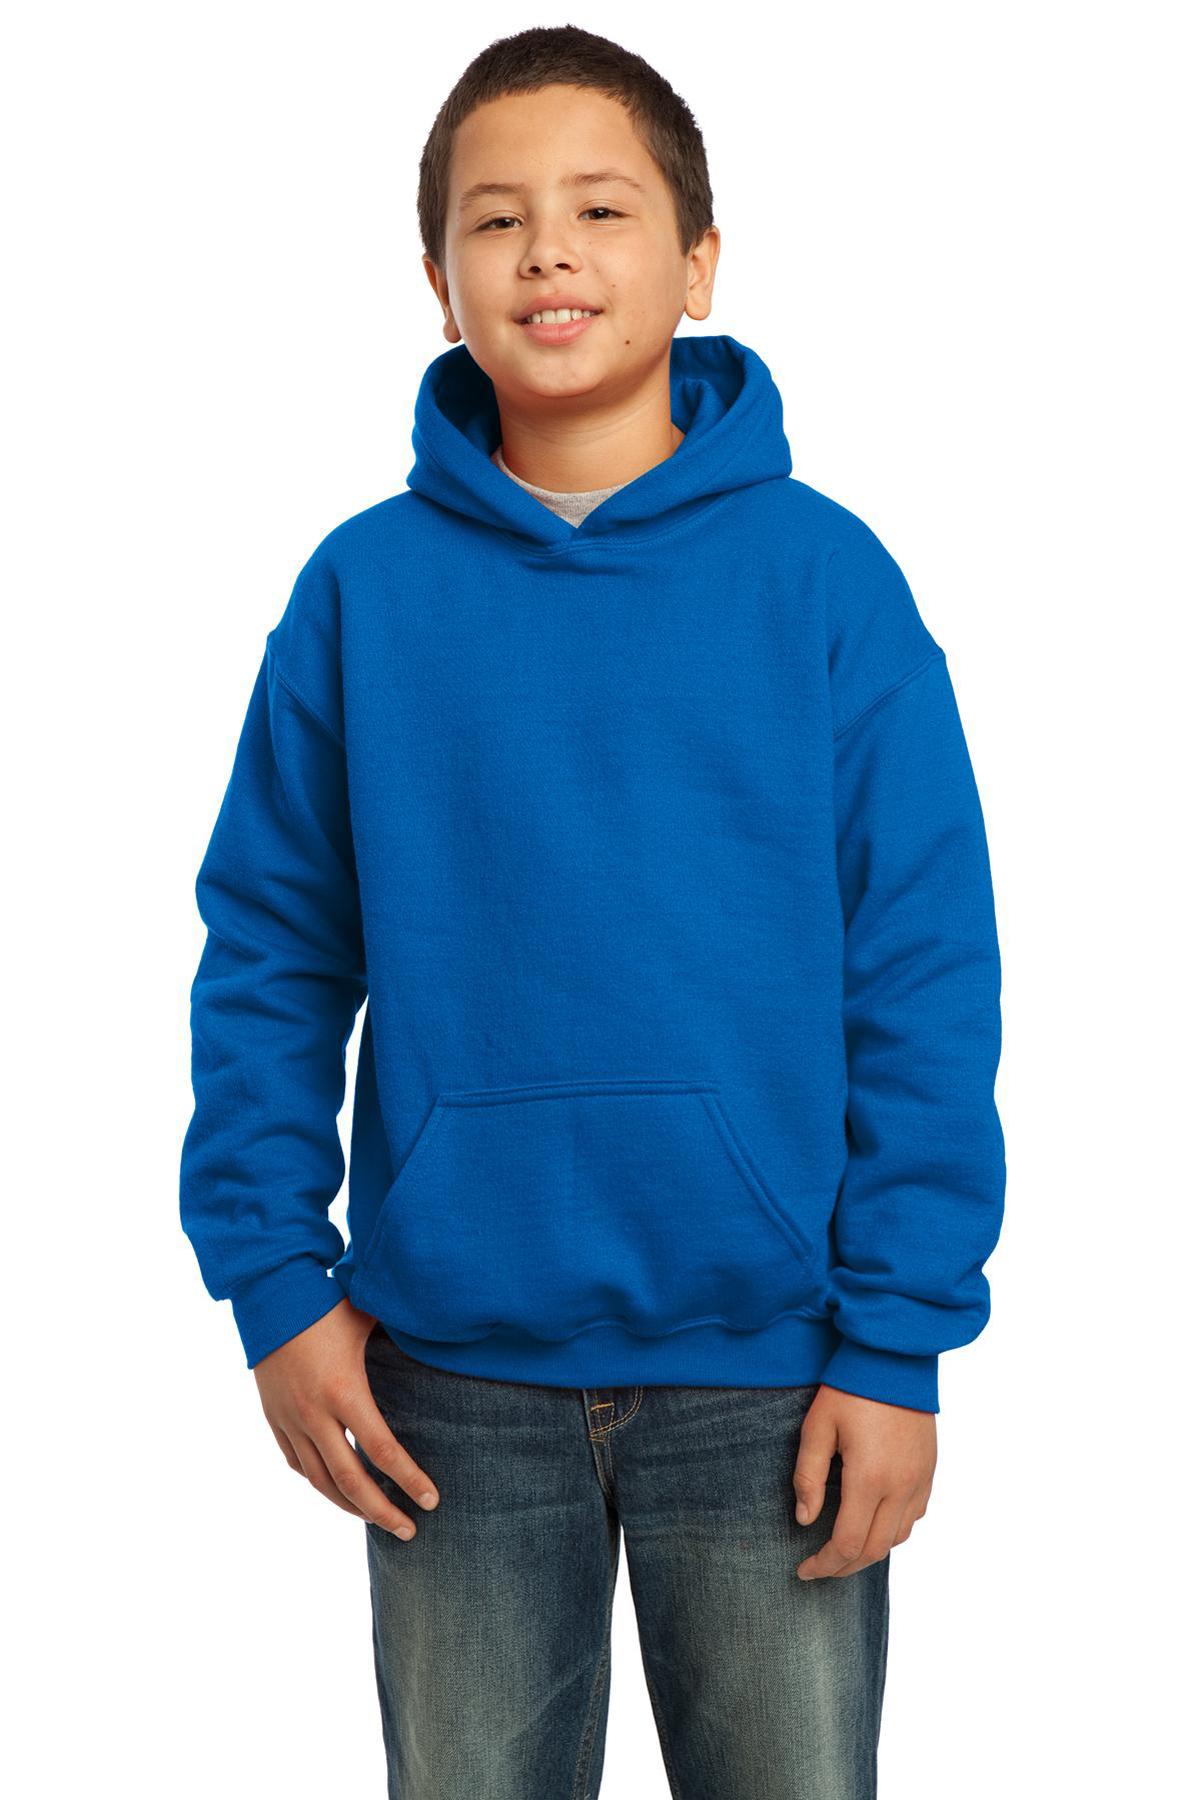 Sweatshirts-Fleece-Hooded-6